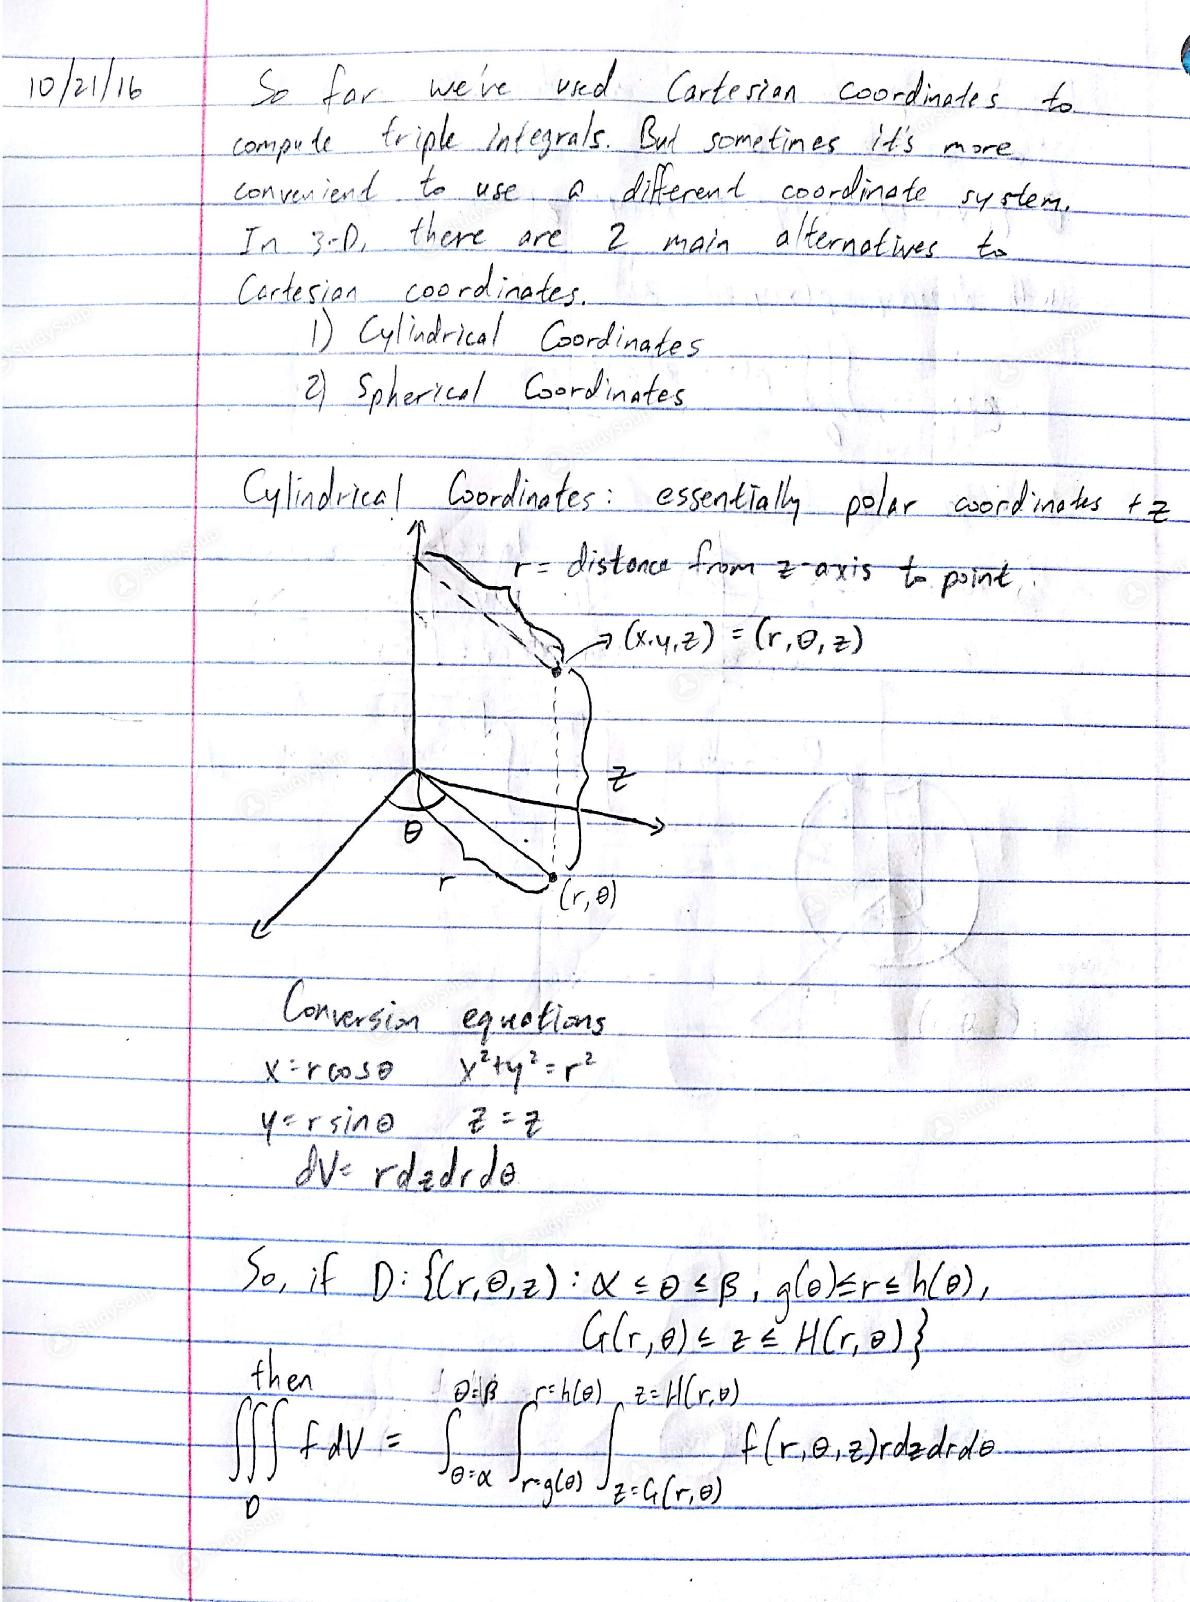 UIC - MATH 210 - Class Notes - Math 210, Week 9 10/21 Notes   StudySoup